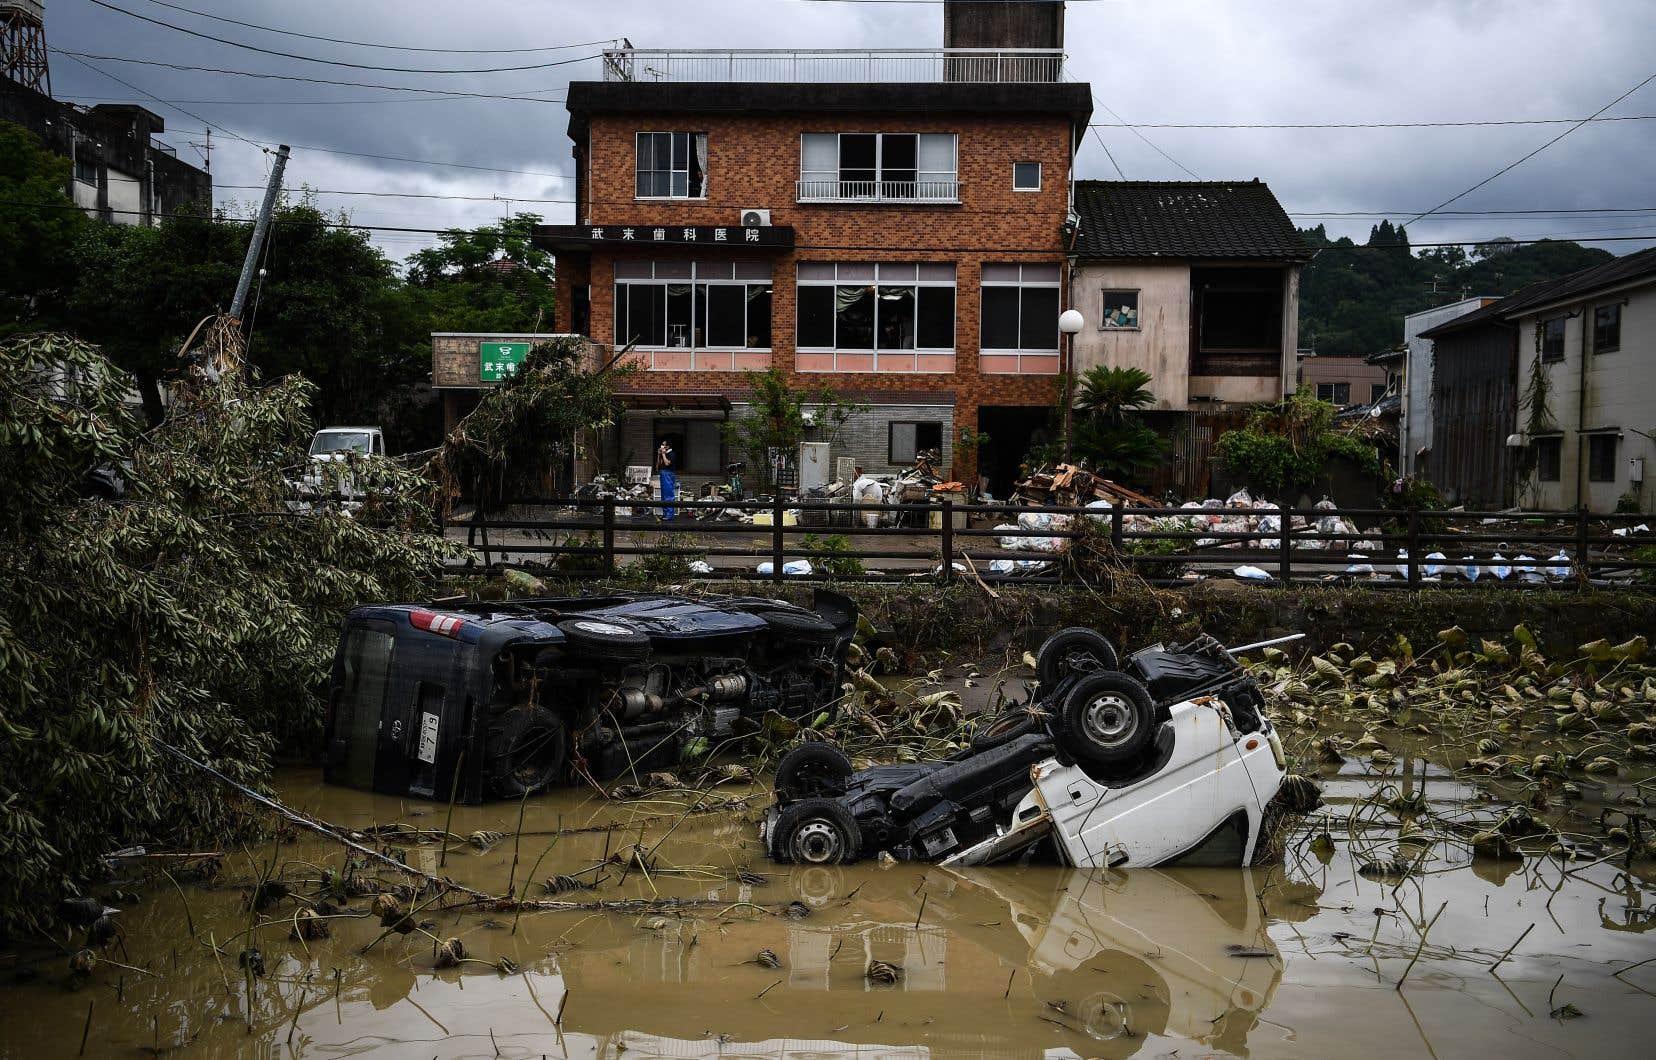 Dans la région de Kumamoto, la plus affectée, l'on se mettait déjà au travail pour nettoyer les dégâts provoqués par des pluies figurant parmi les plus violentes de ces dernières années.